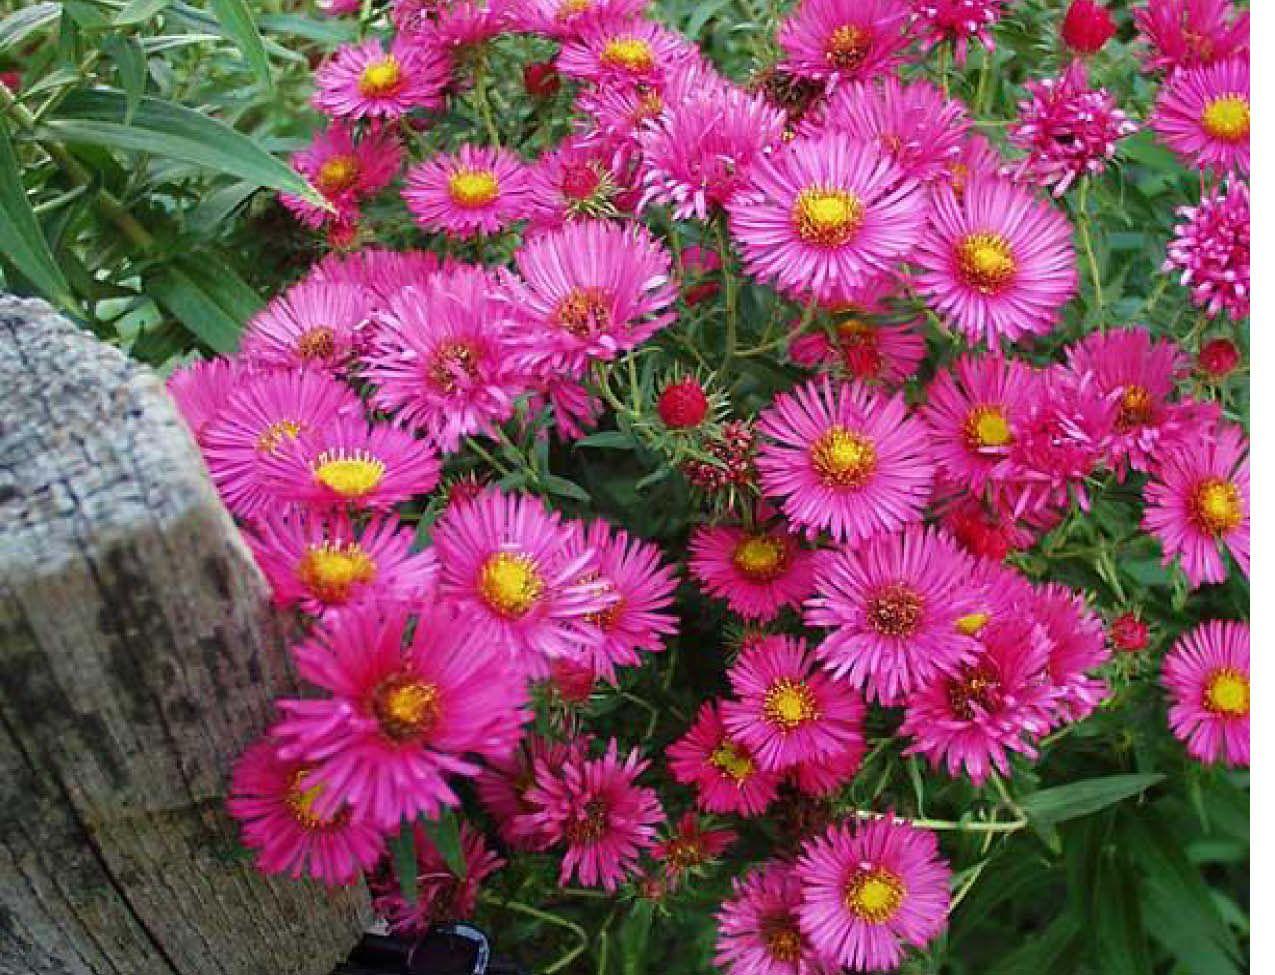 Aster Alma Potschke Sunnyside Gardens Aster Flower Pink Perennials Flower Seeds